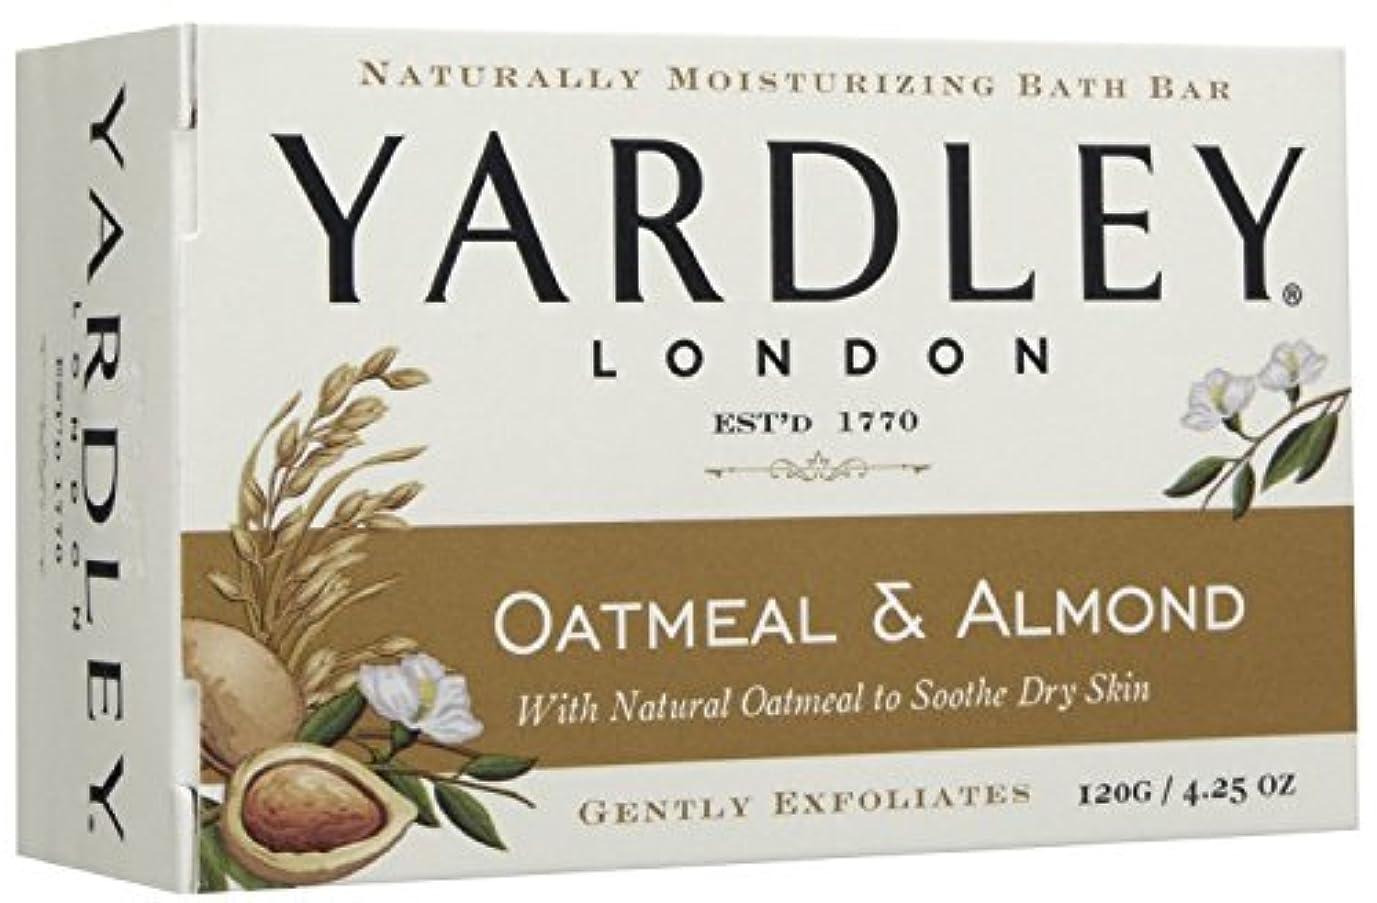 ファイナンス深める小川Yardley London (ヤードリー ロンドン) オートミール&アーモンド モイスチャライズ バス ソープ 120g [並行輸入品]